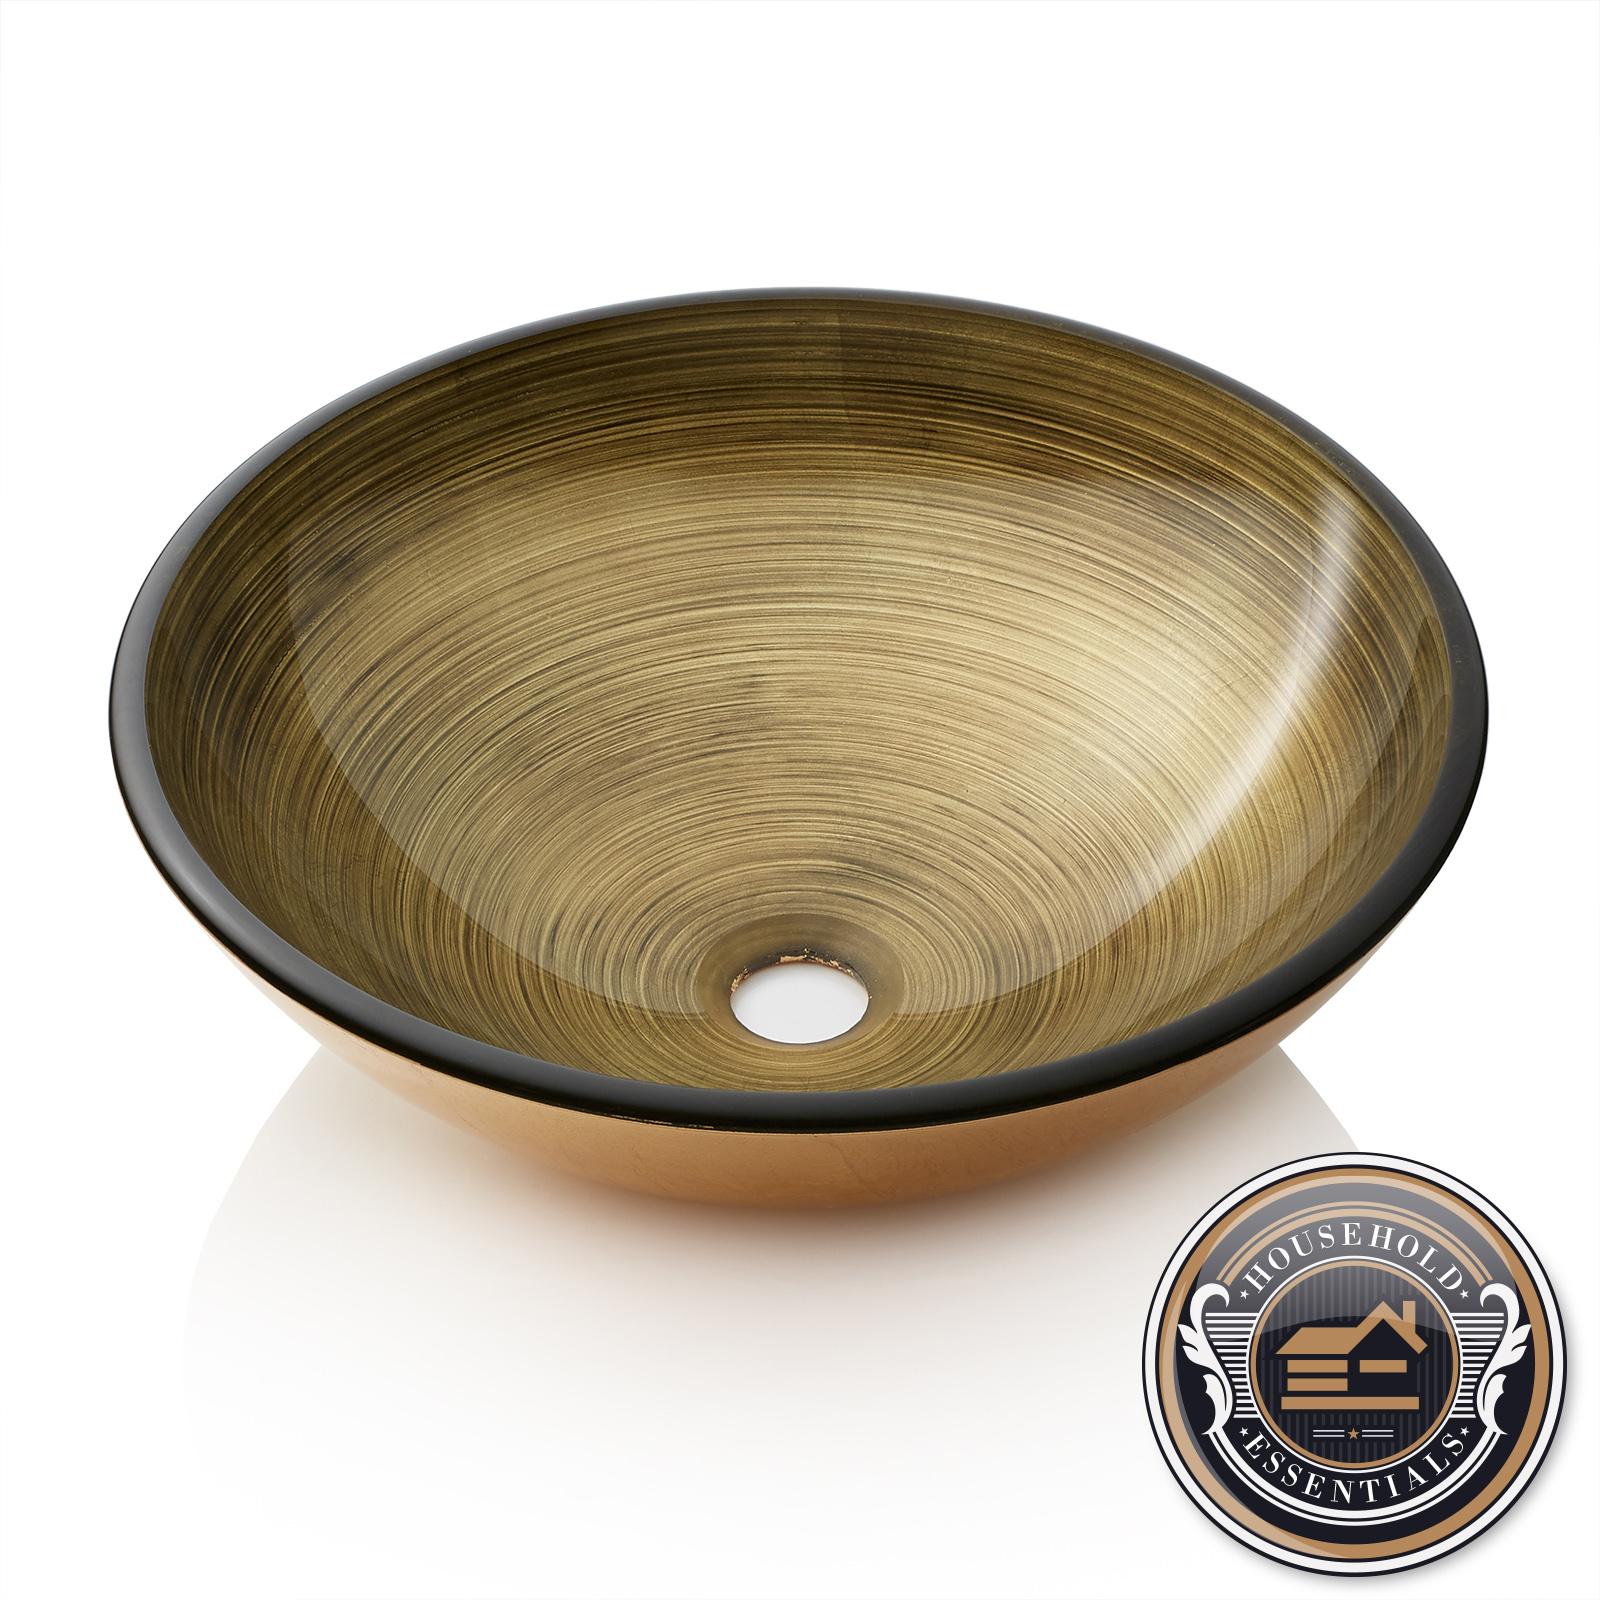 Details About Modern Glass Vessel Sink   Bathroom Vanity Bowl   Round Gold  Foil Leaf